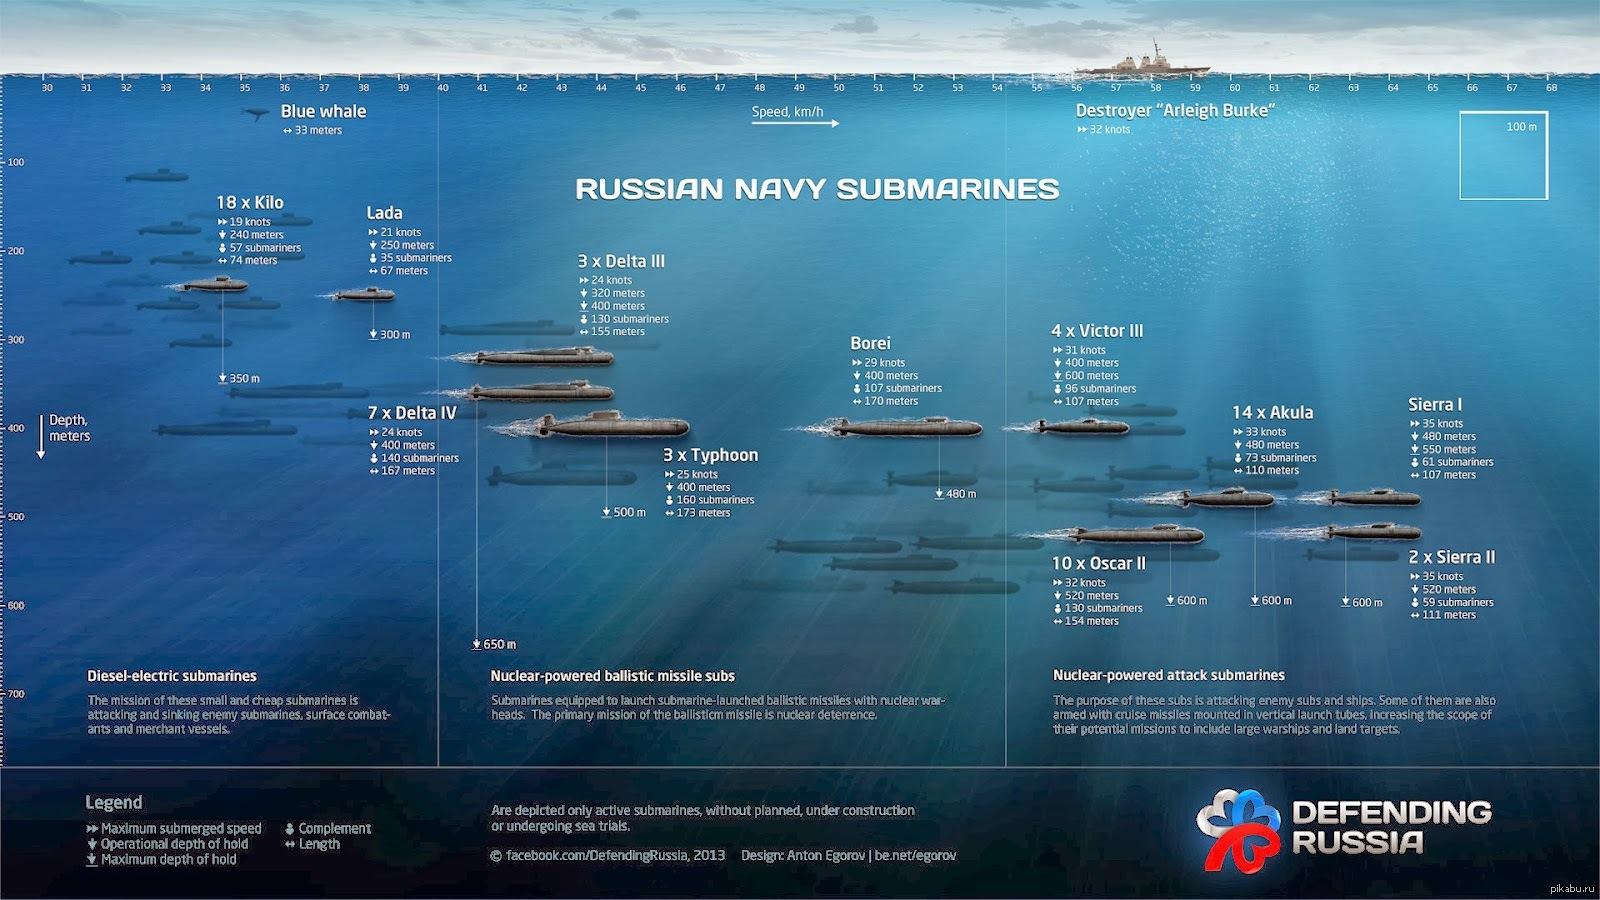 сколько в россии подводных лодок класса акула